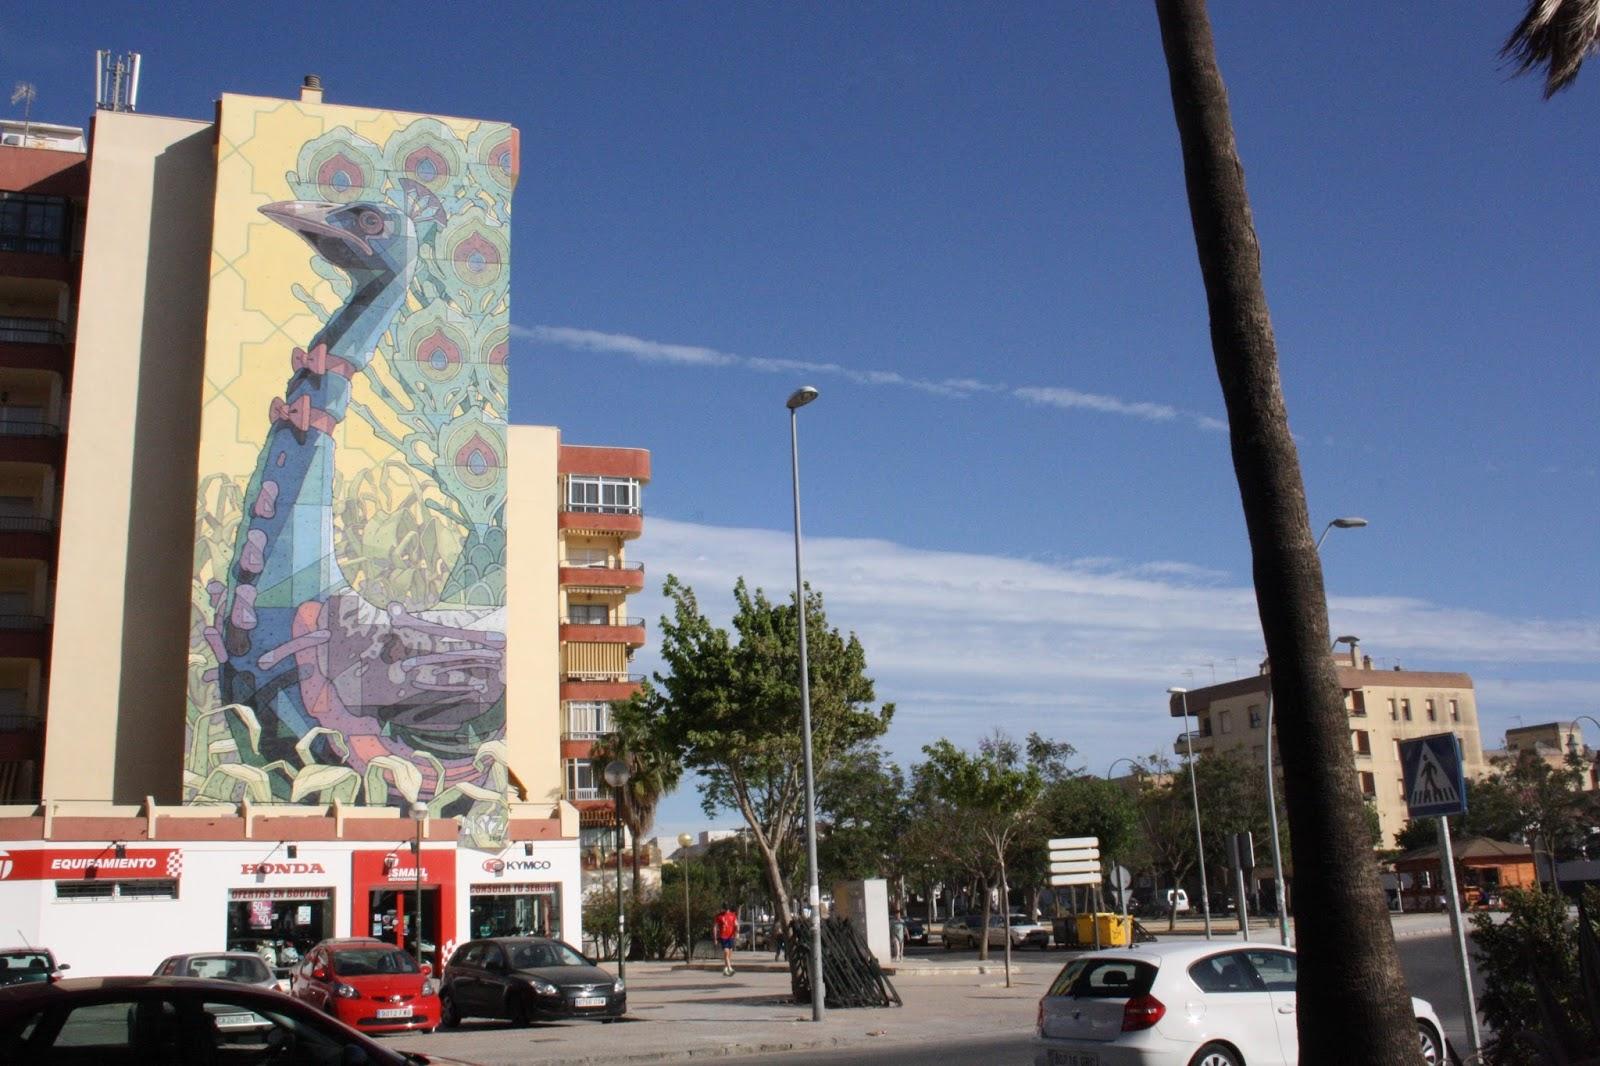 aryz-new-mural-in-sanlucar-de-barrameda-spain-01